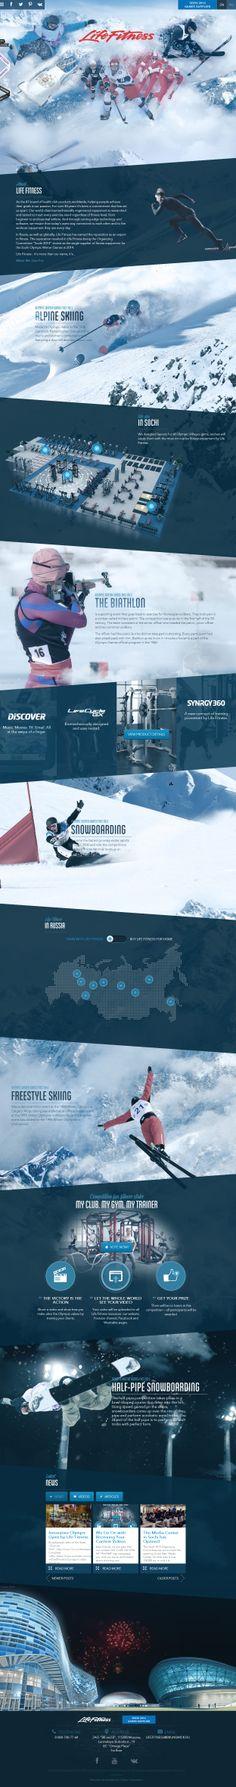 pinterest.com/fra411 #webdesign LifeFitness (Sochi)